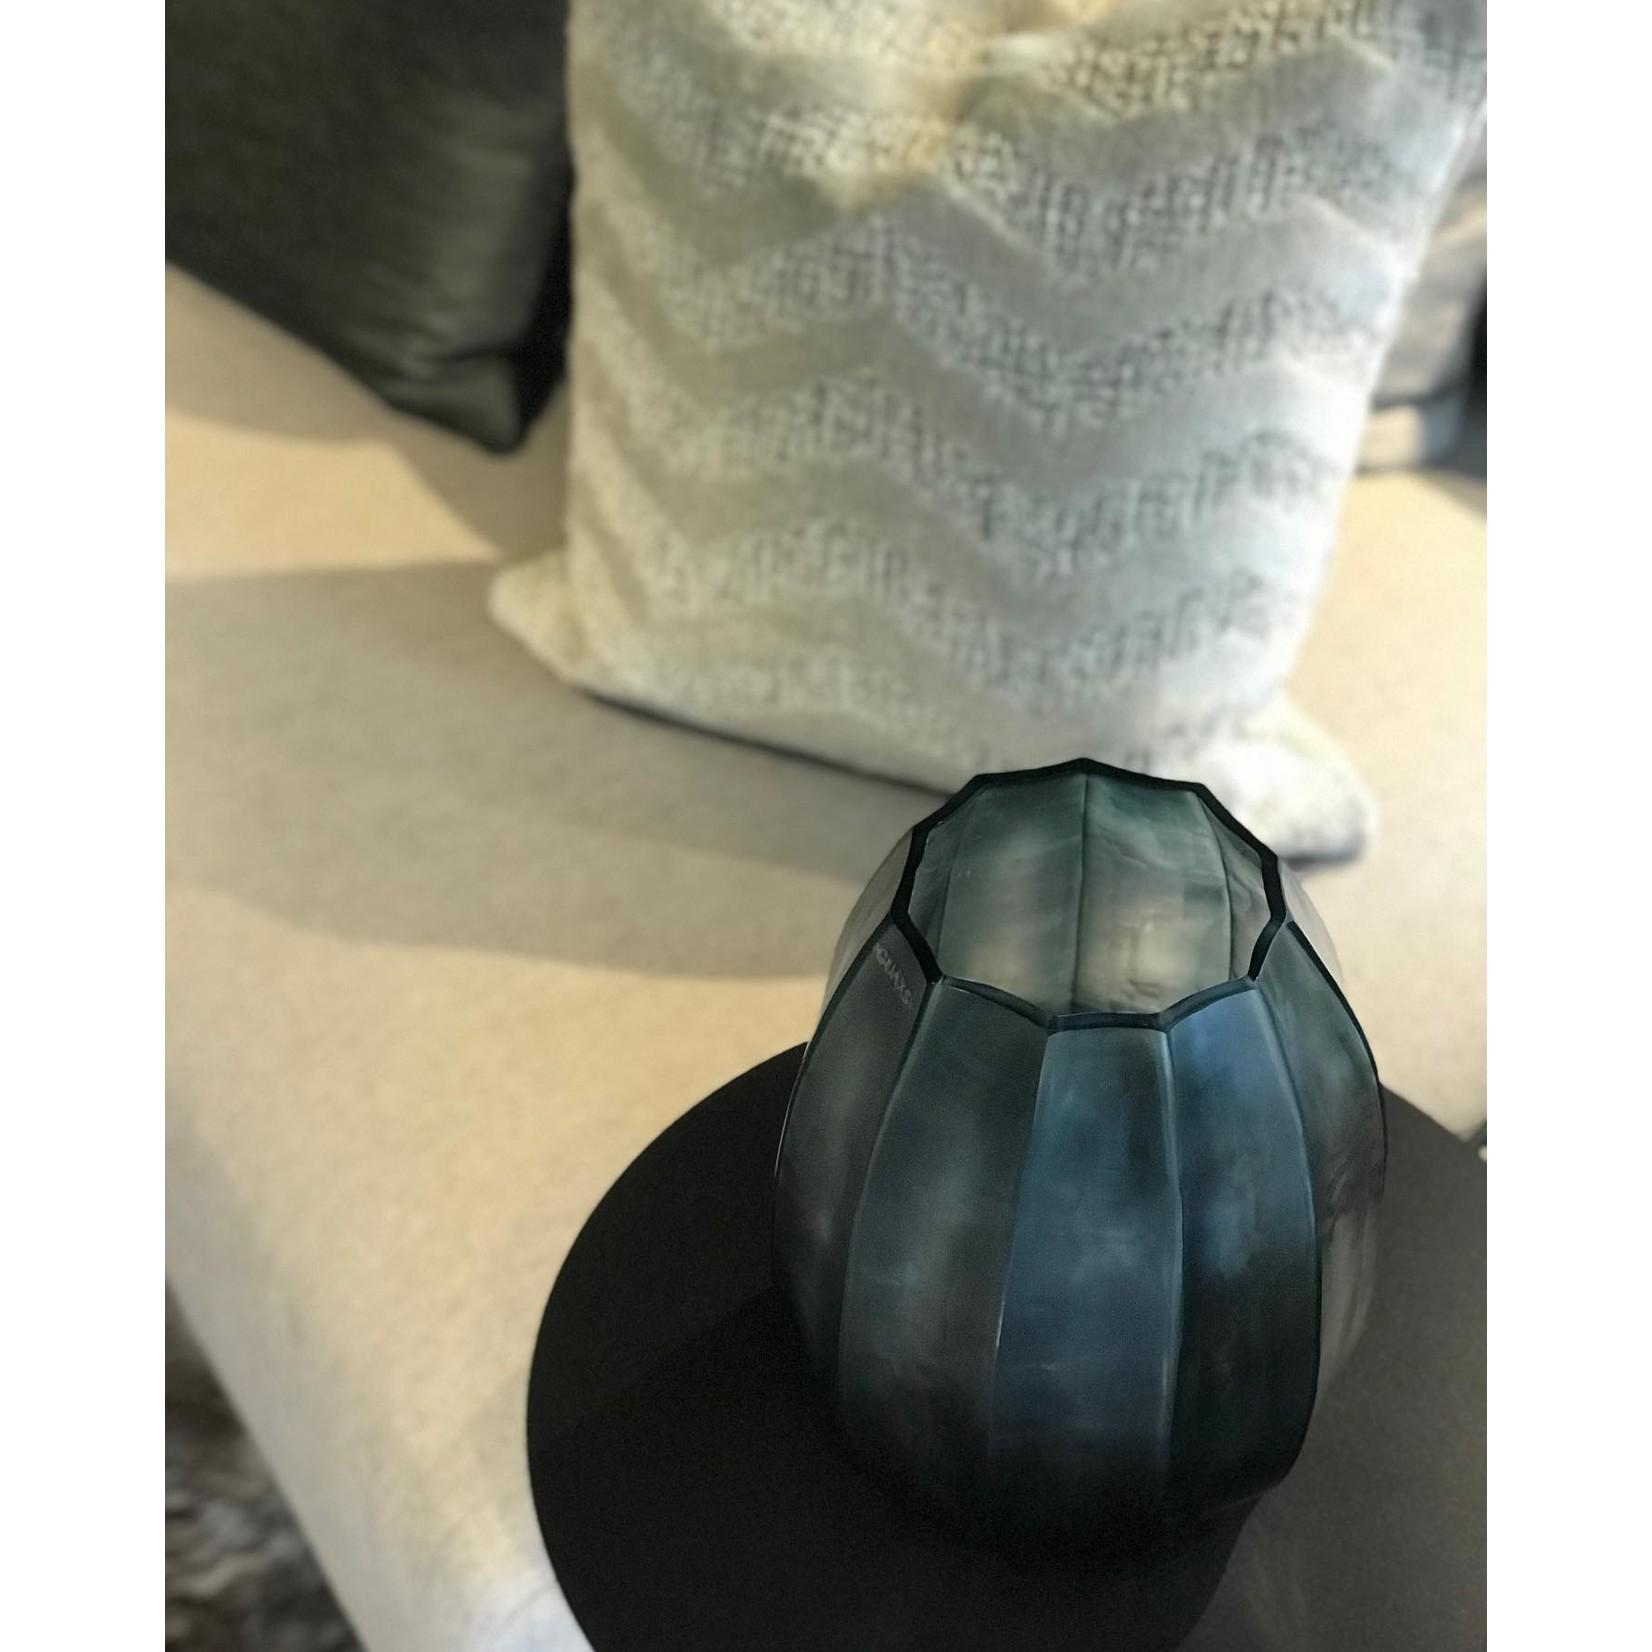 Guaxs Vase Koonam M | Ocean Blue / Indigo